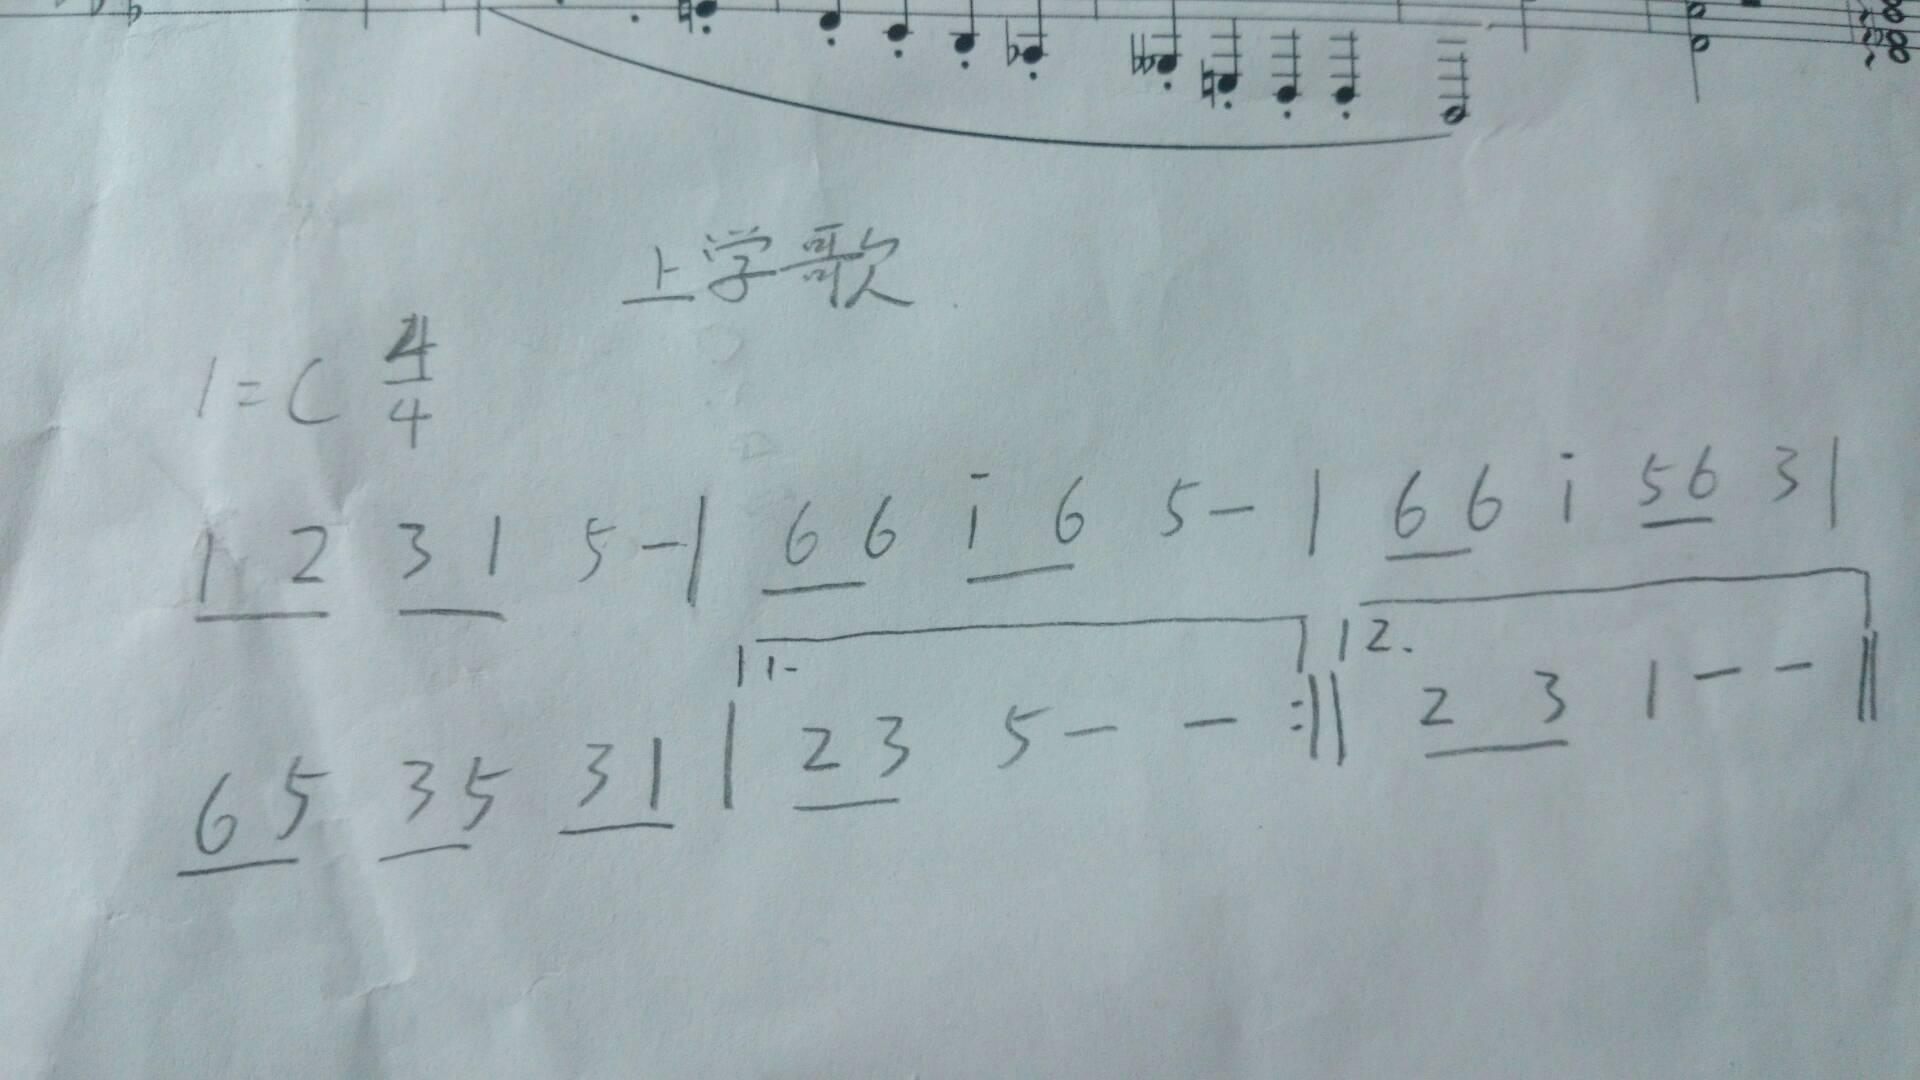 上学歌钢琴简谱